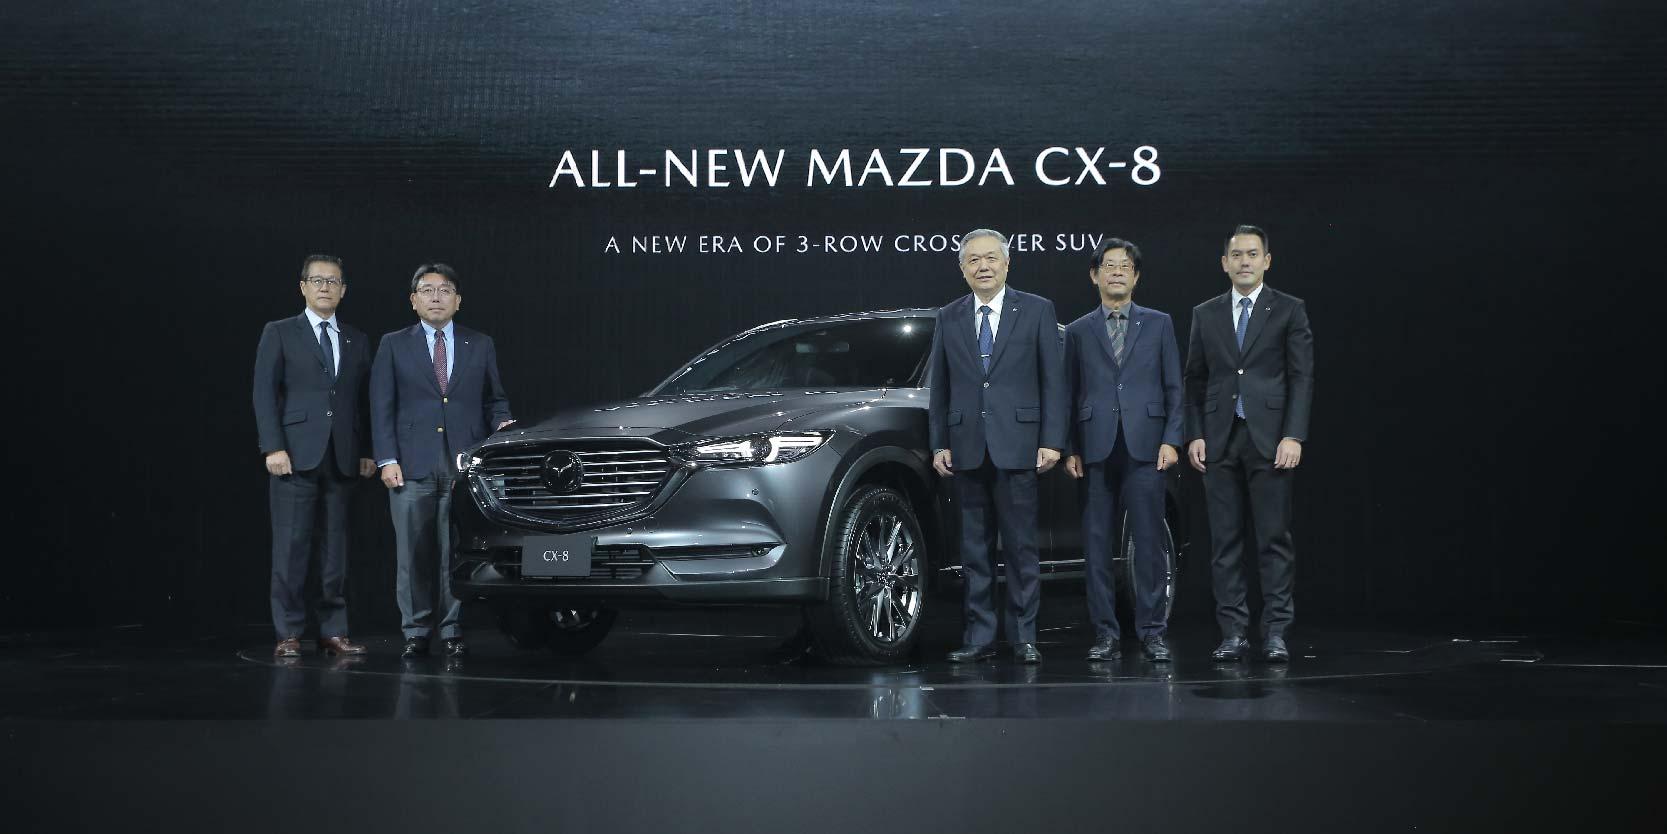 เปิดตัว All-New Mazda CX-8